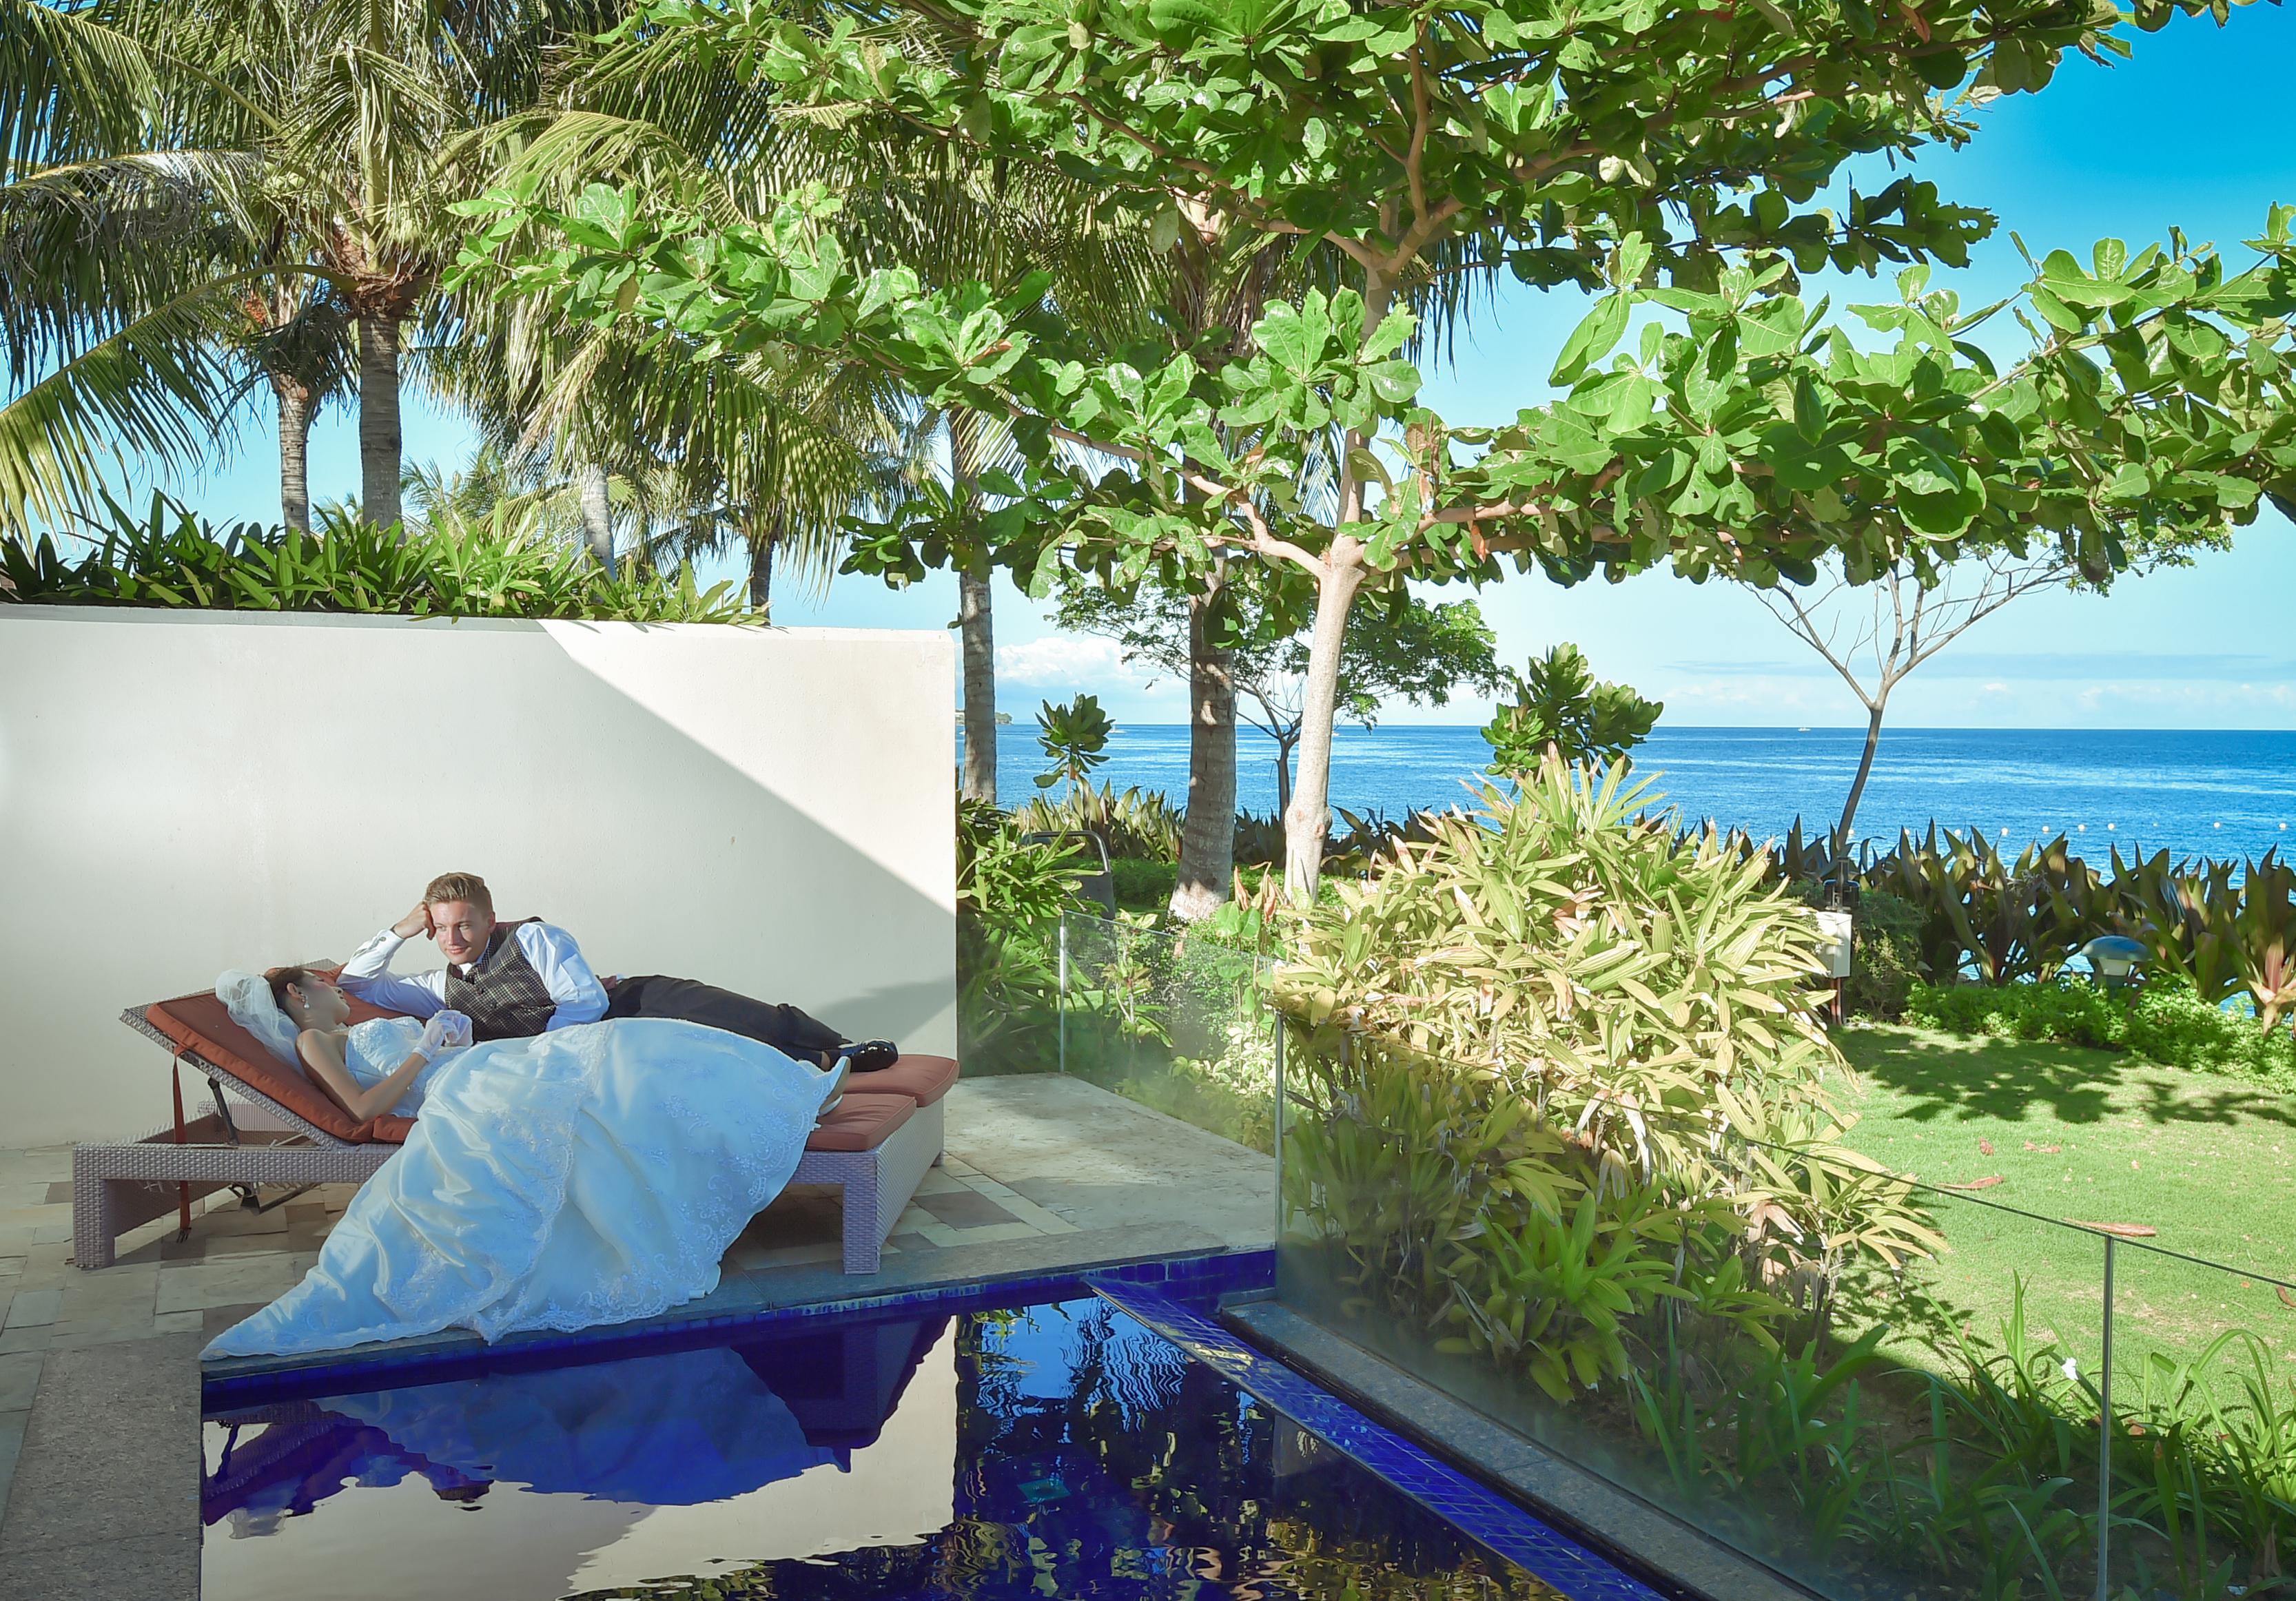 クリムゾン・リゾート&スパ・マクタン<br /> プライベートプール付ビーチフロントヴィラ<br /> プライベートプールにて